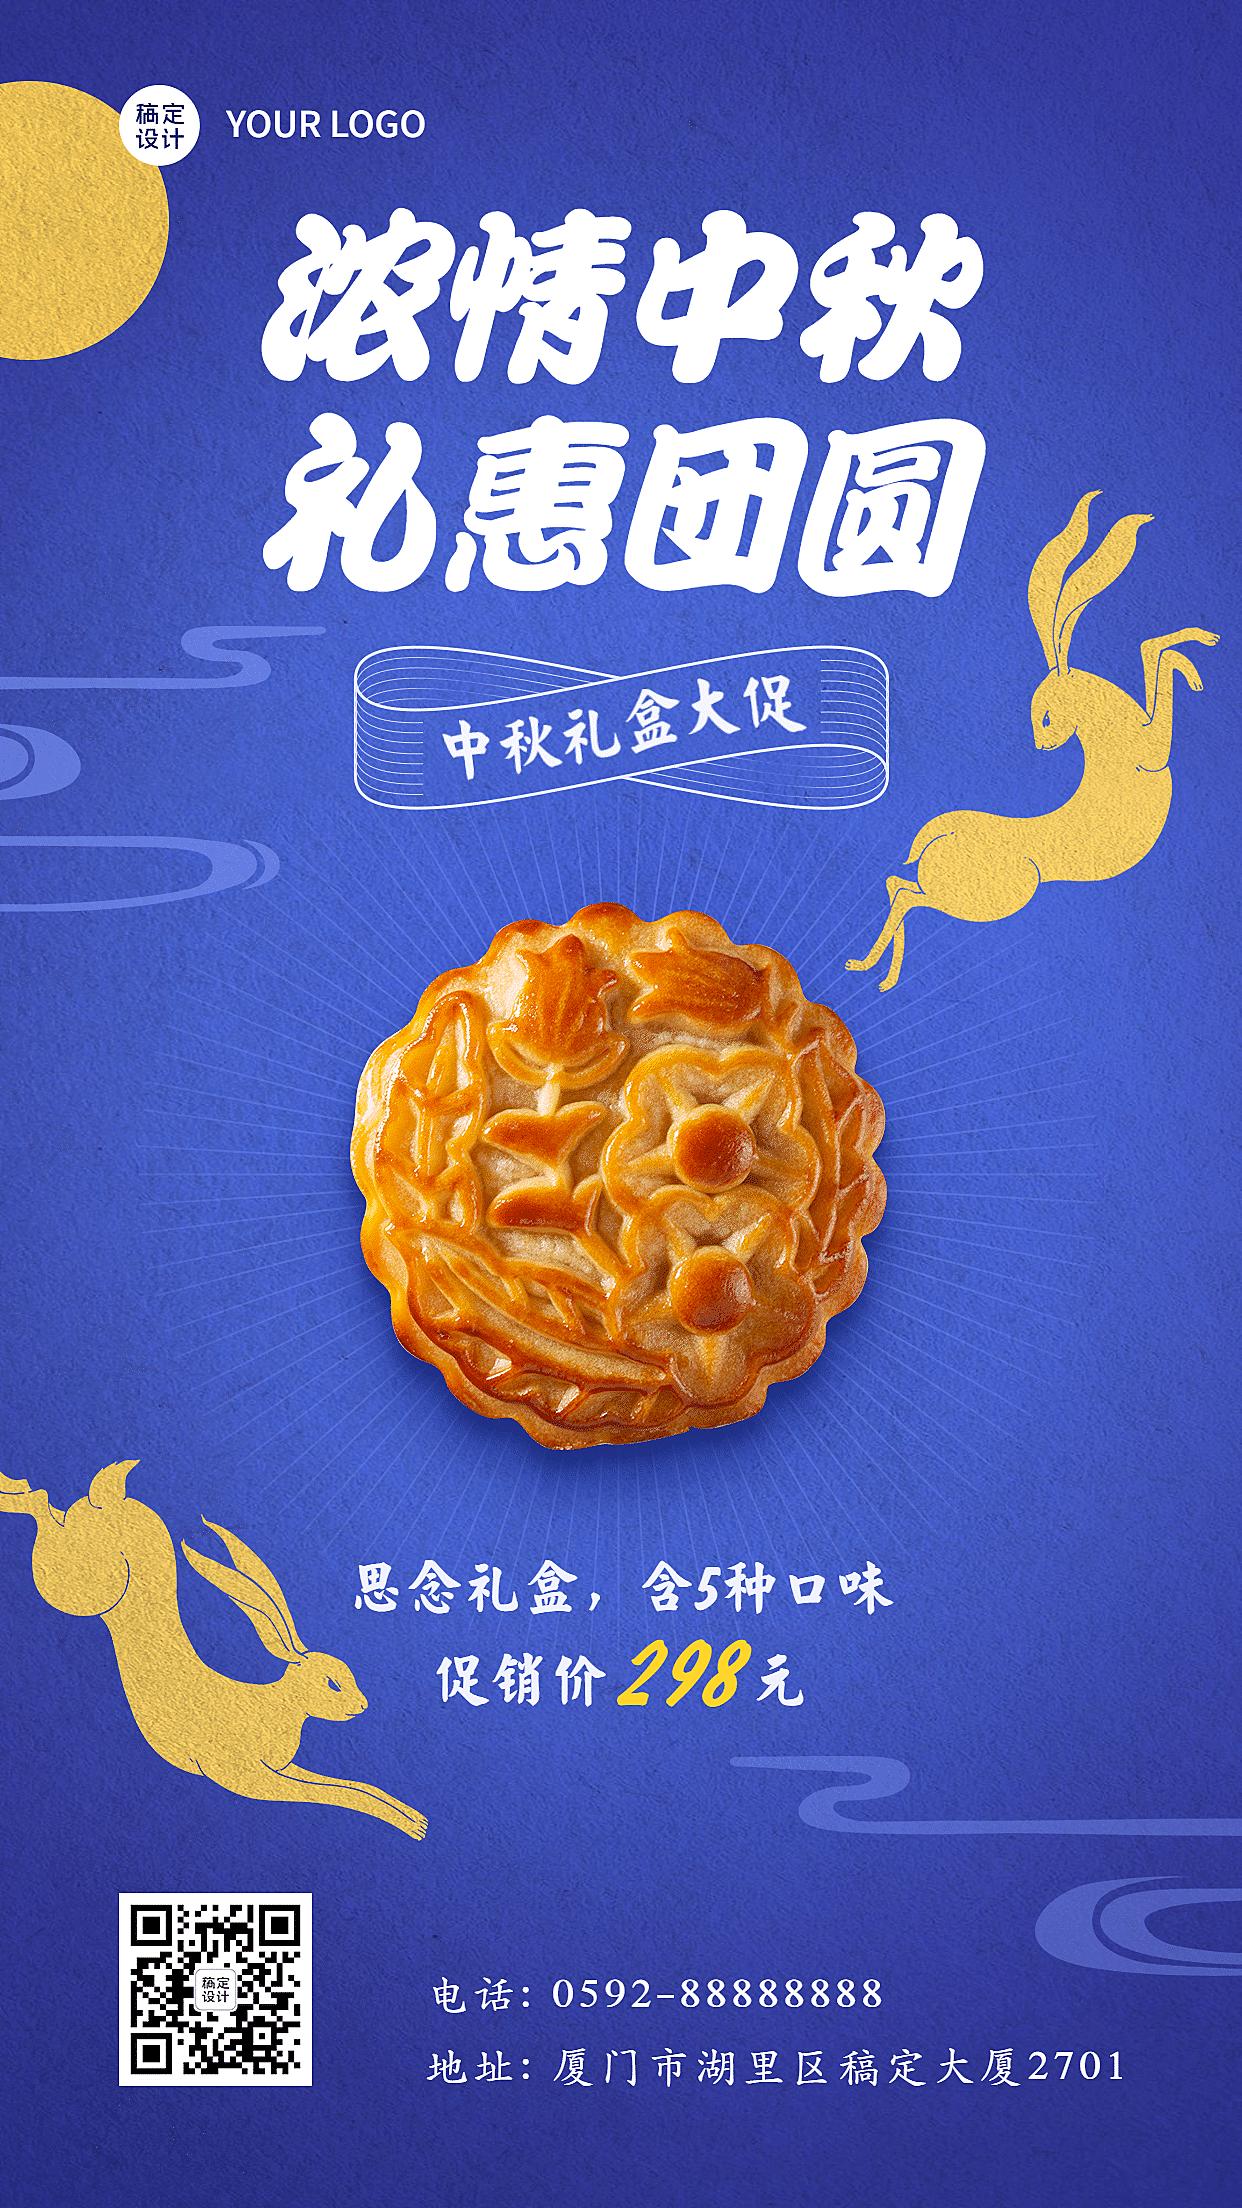 中秋节产品月饼活动营销手机海报